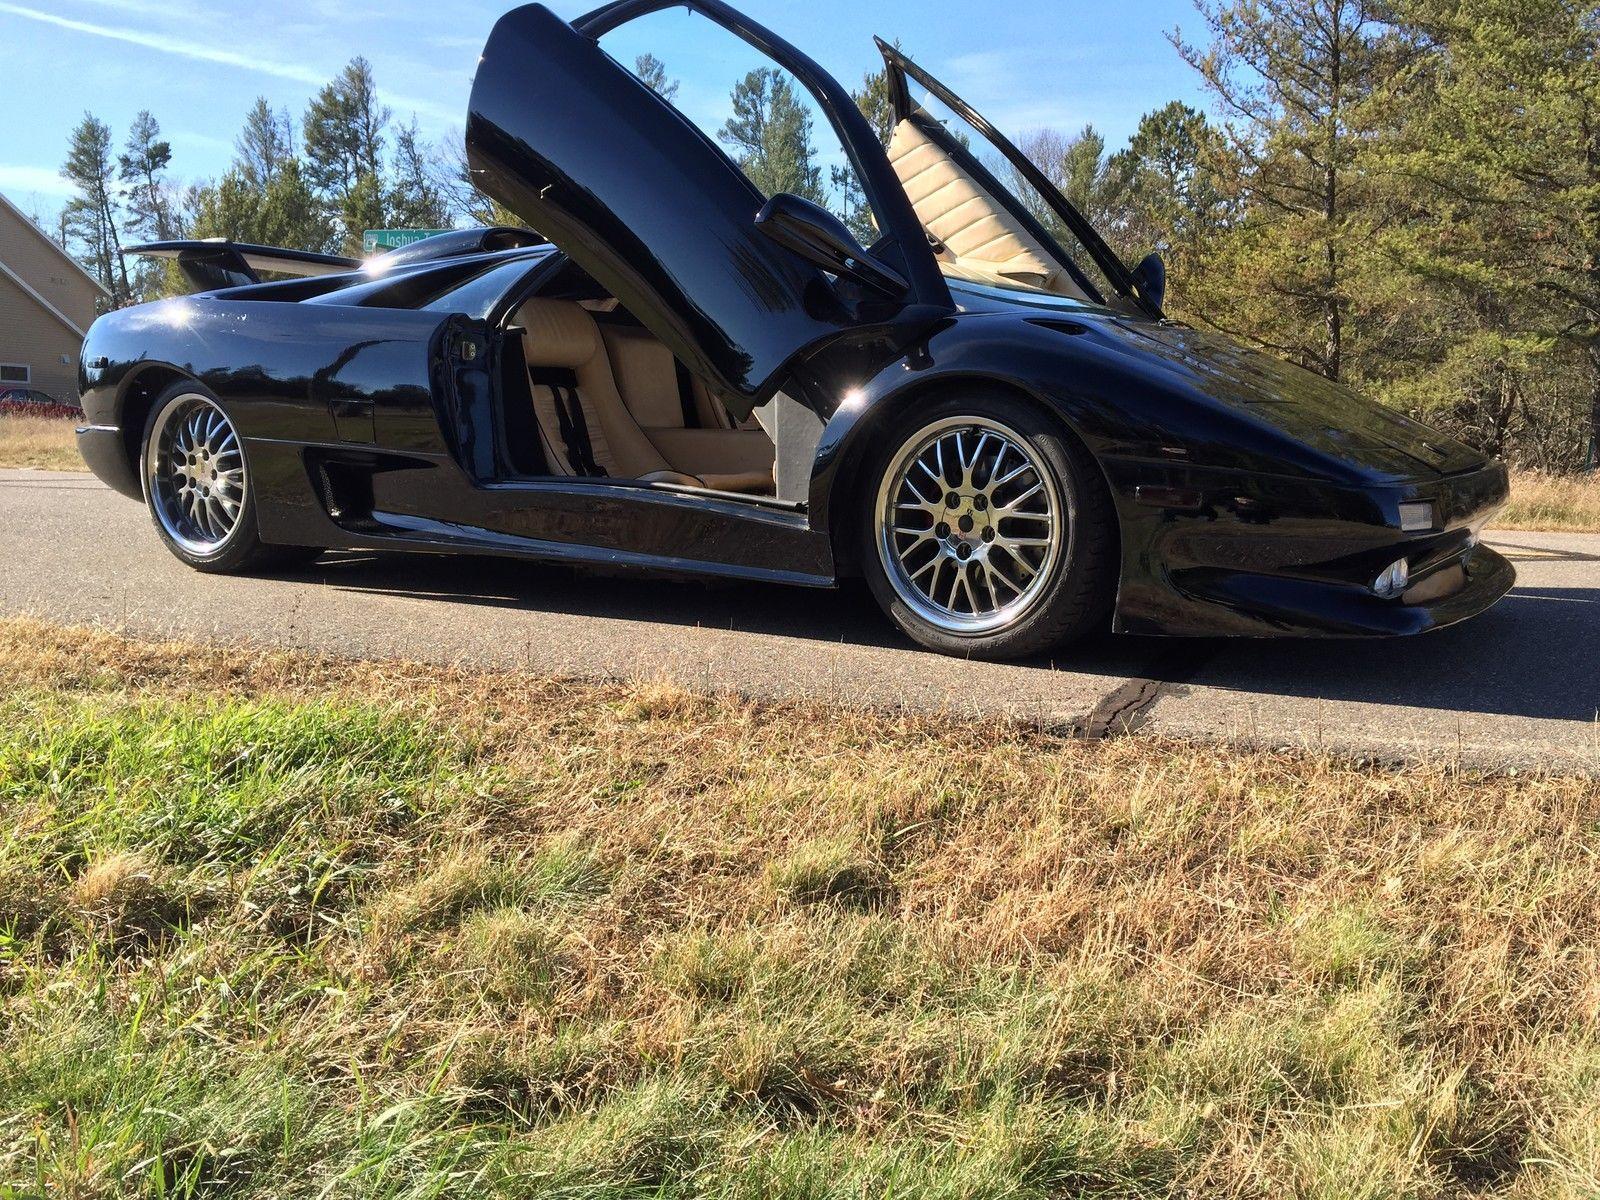 2015 Lamborghini Aventador Replica For Sale: 2000 Replica ASVE Lamborghini Diablo TT For Sale